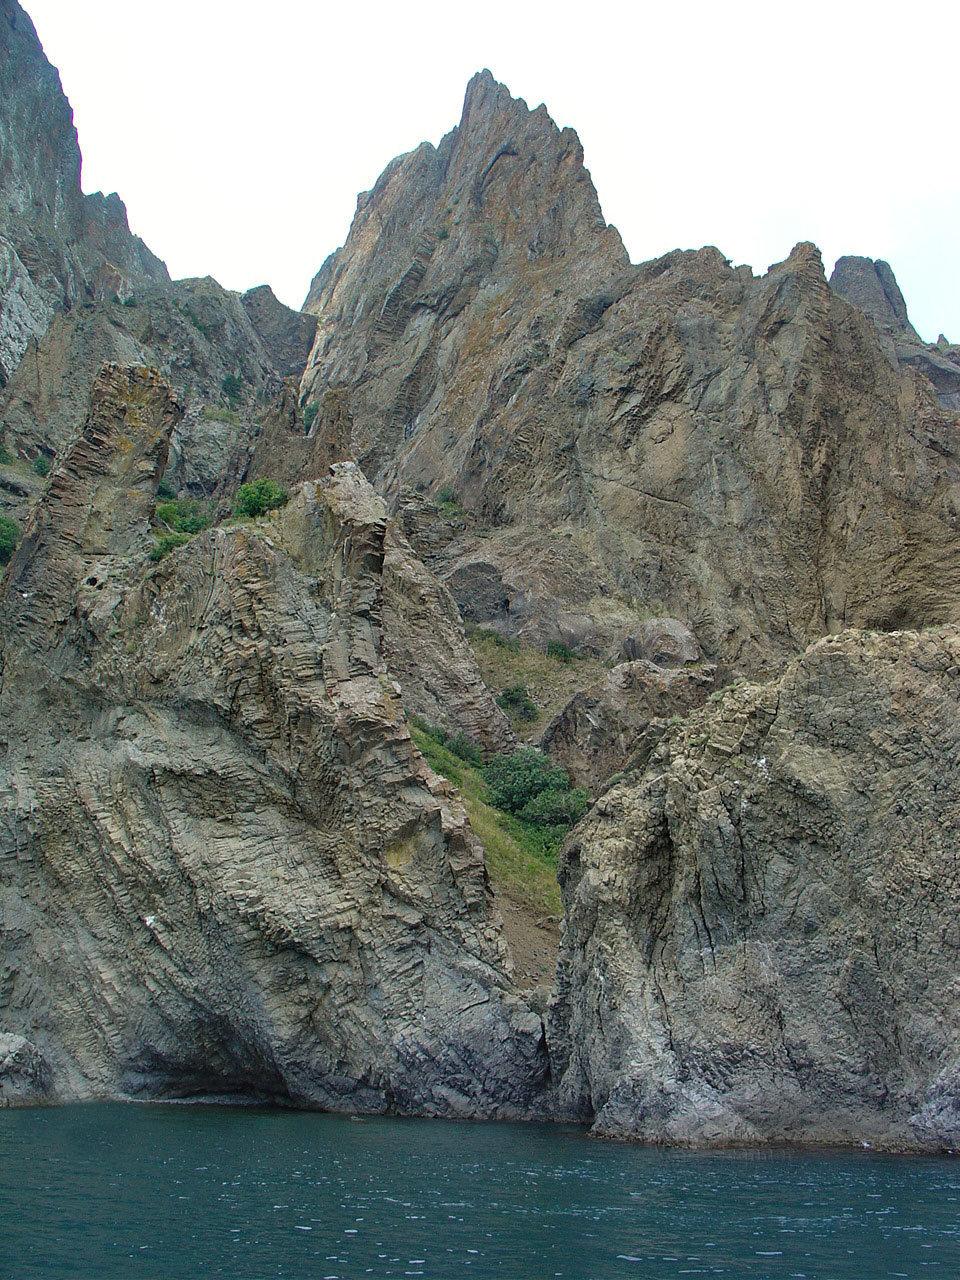 Кара-Даг привлекает многочисленных туристов как визуальными красотами горных вершин и обрывистых склонов, так и пляжным отдыхом.